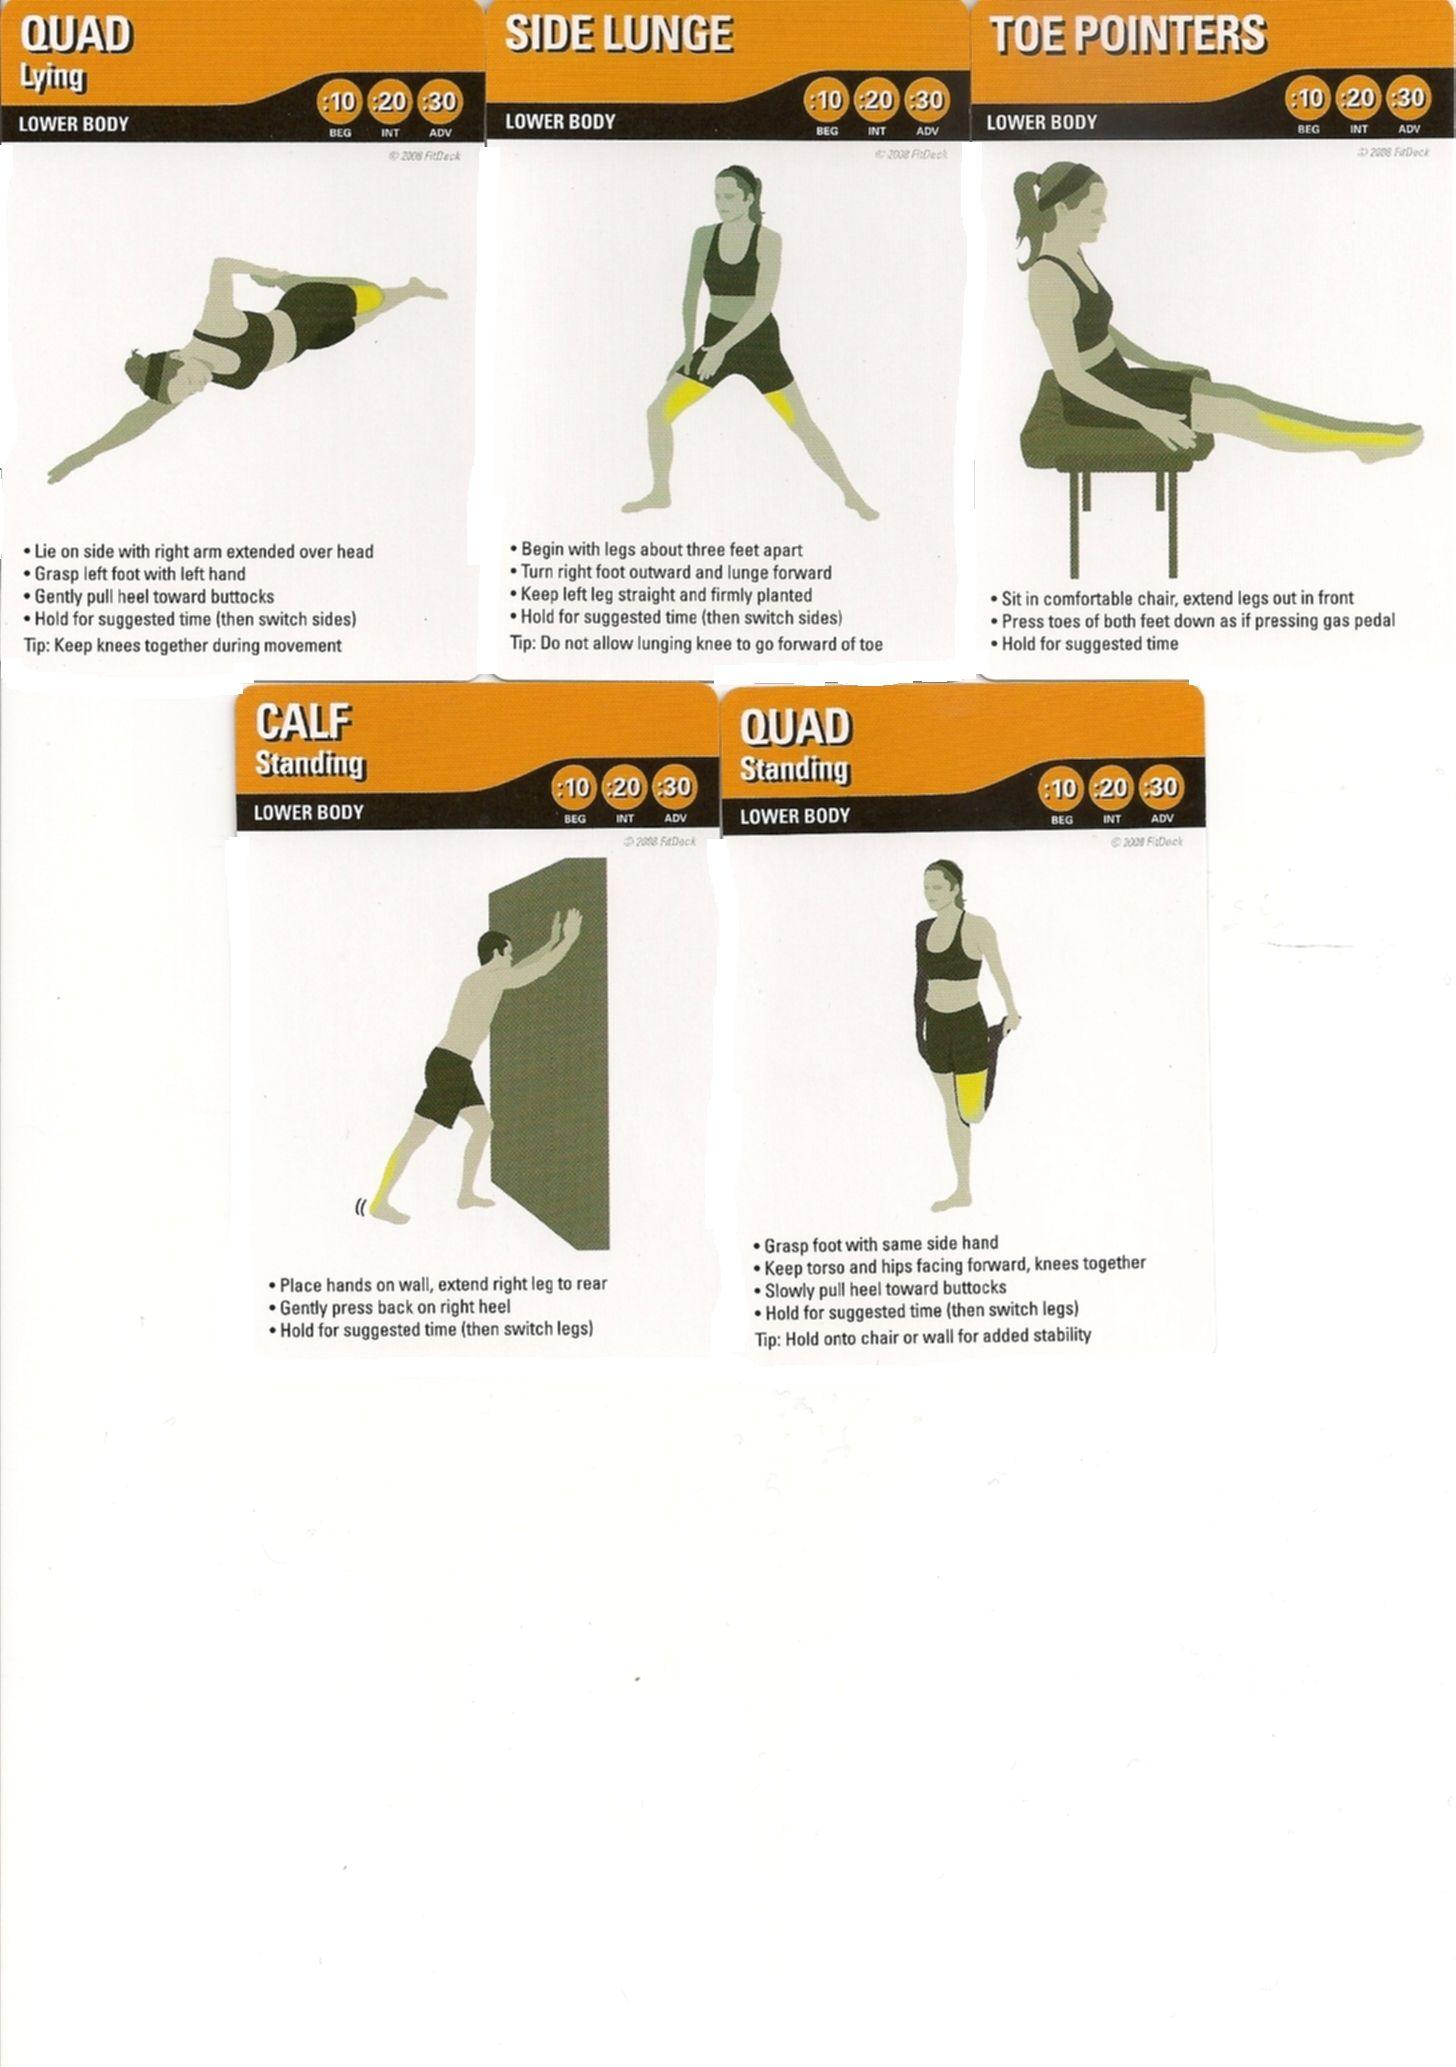 Lower Body Stretch 2